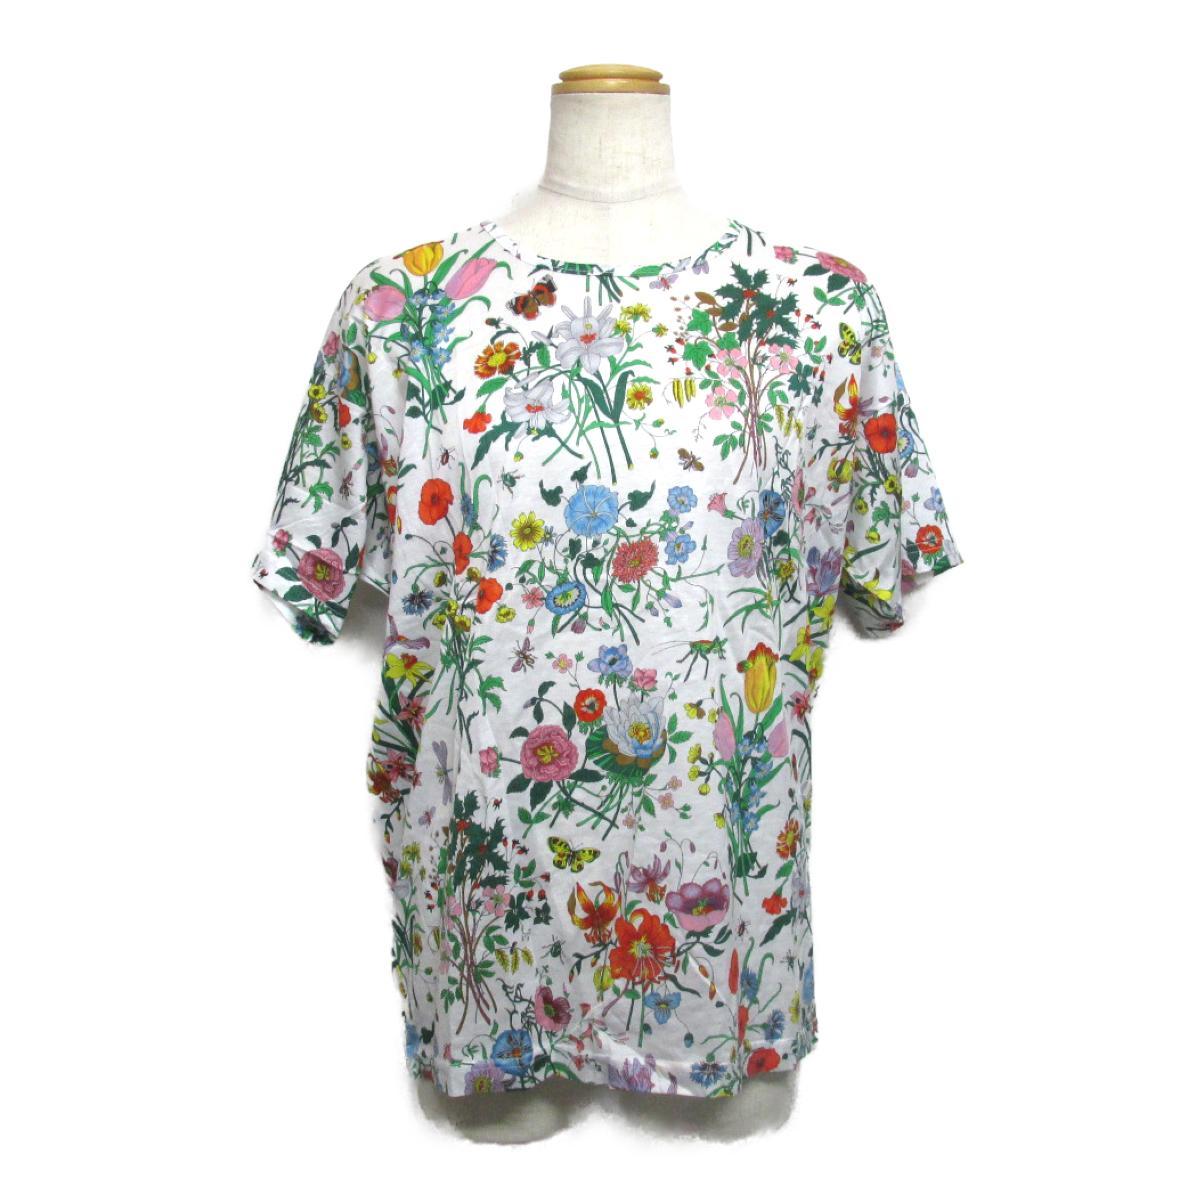 【中古】 グッチ Tシャツ レディース コットン ホワイト x マルチ | GUCCI BRANDOFF ブランドオフ 衣料品 衣類 ブランド トップス Tシャツ シャツ カットソー